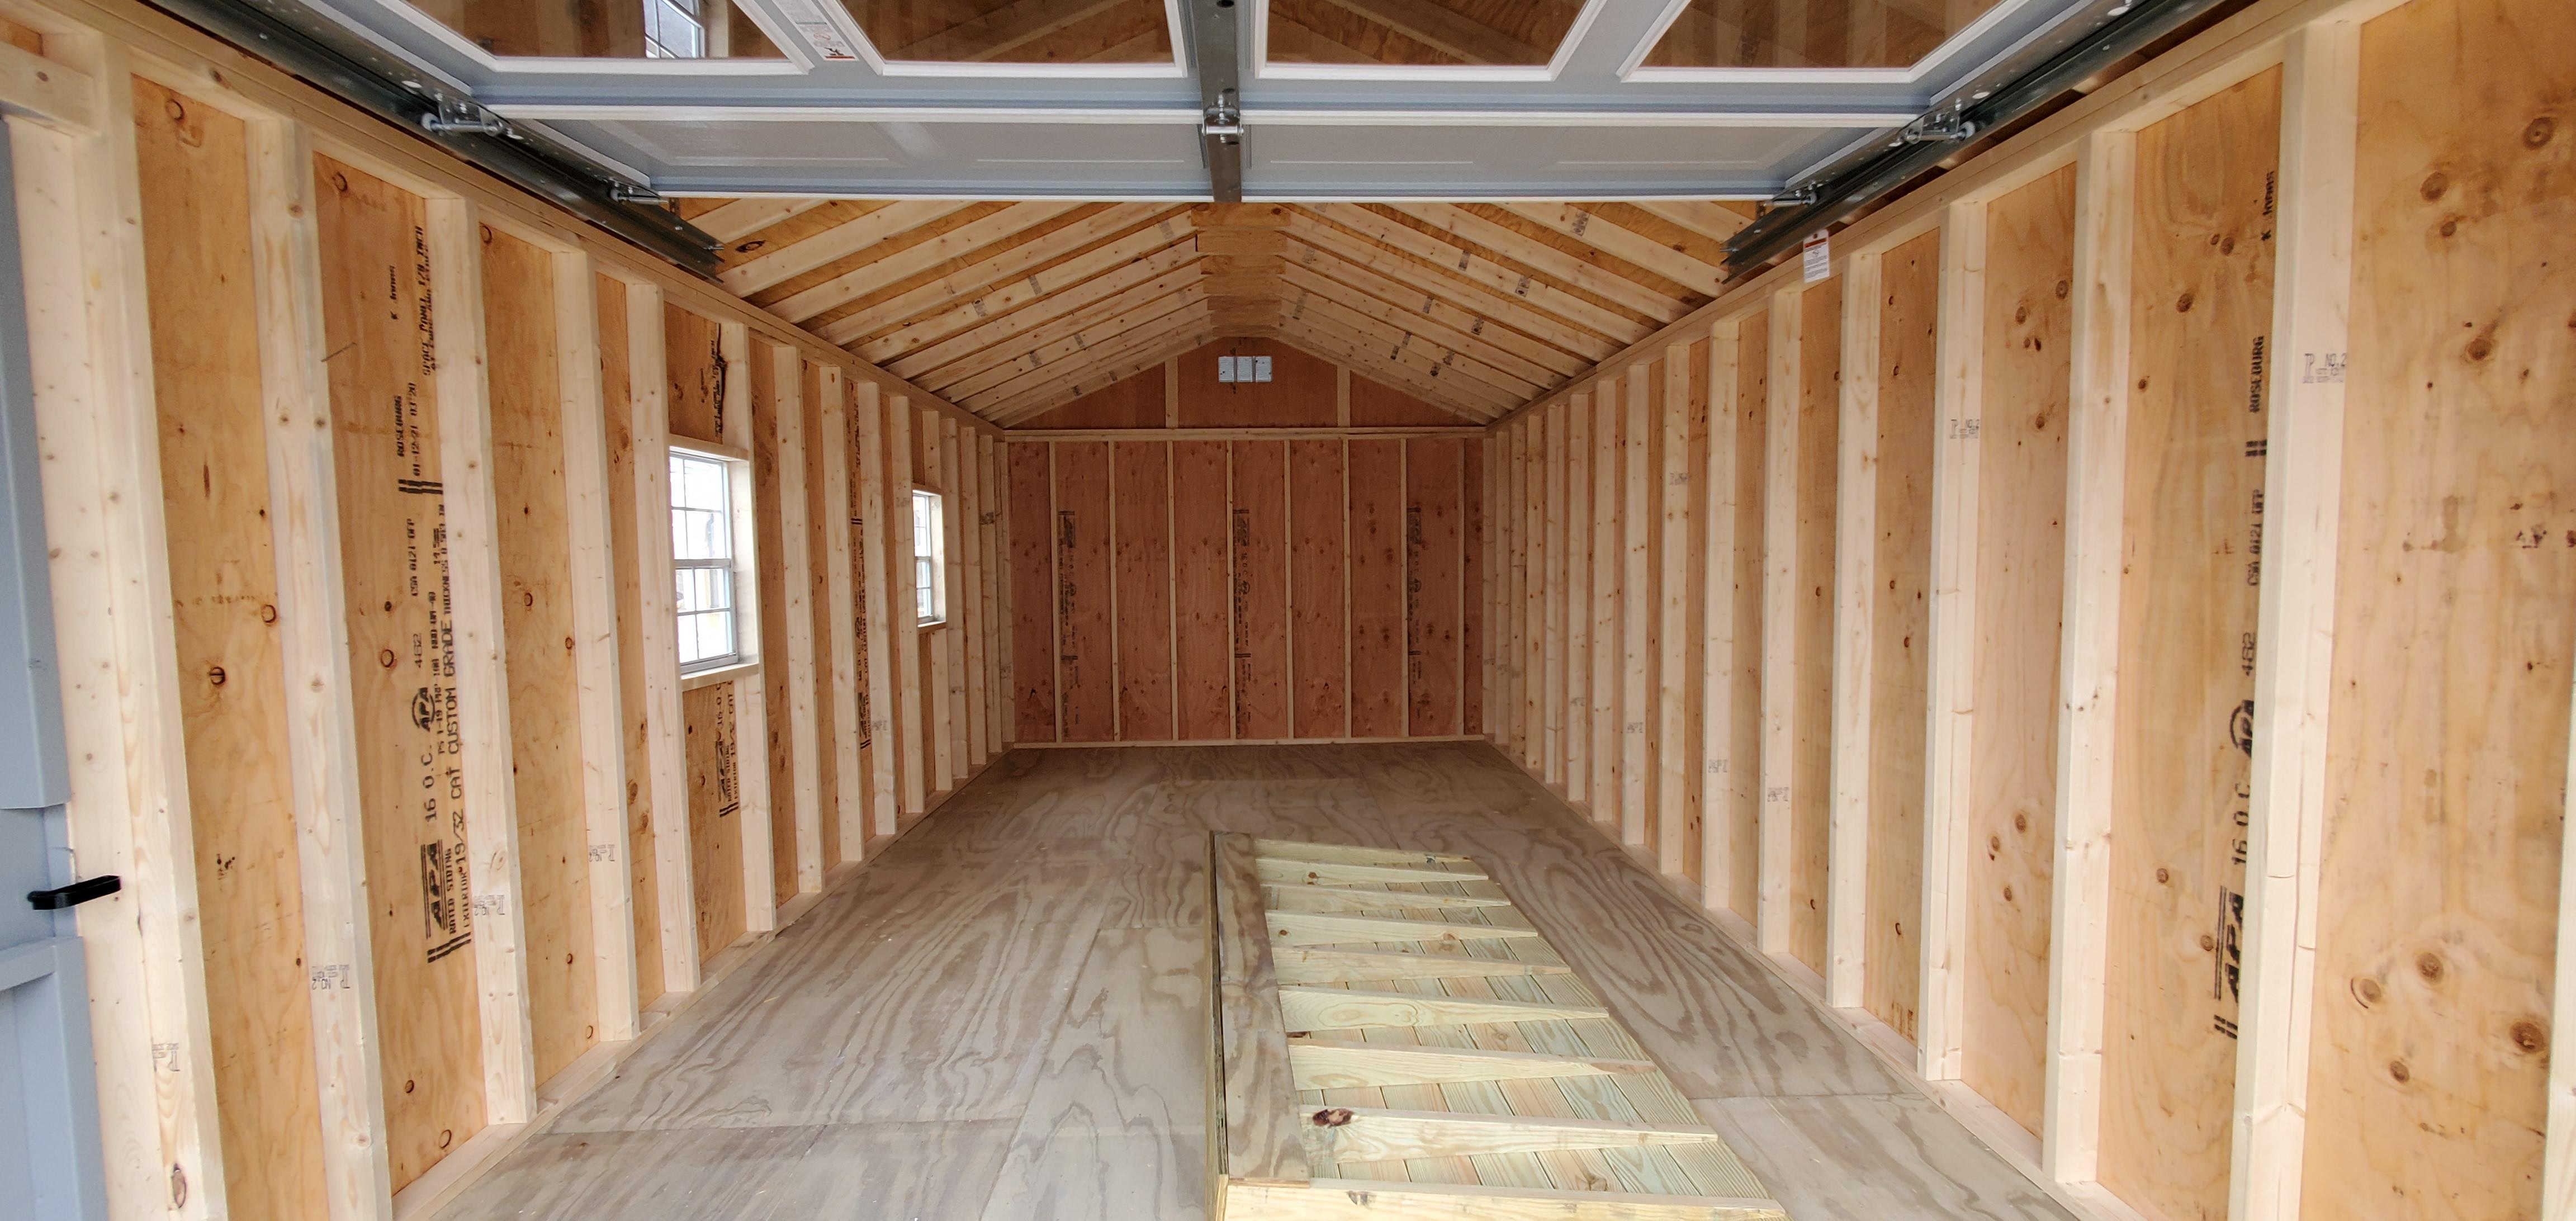 12' X 24' Duratemp Garage : Image 3